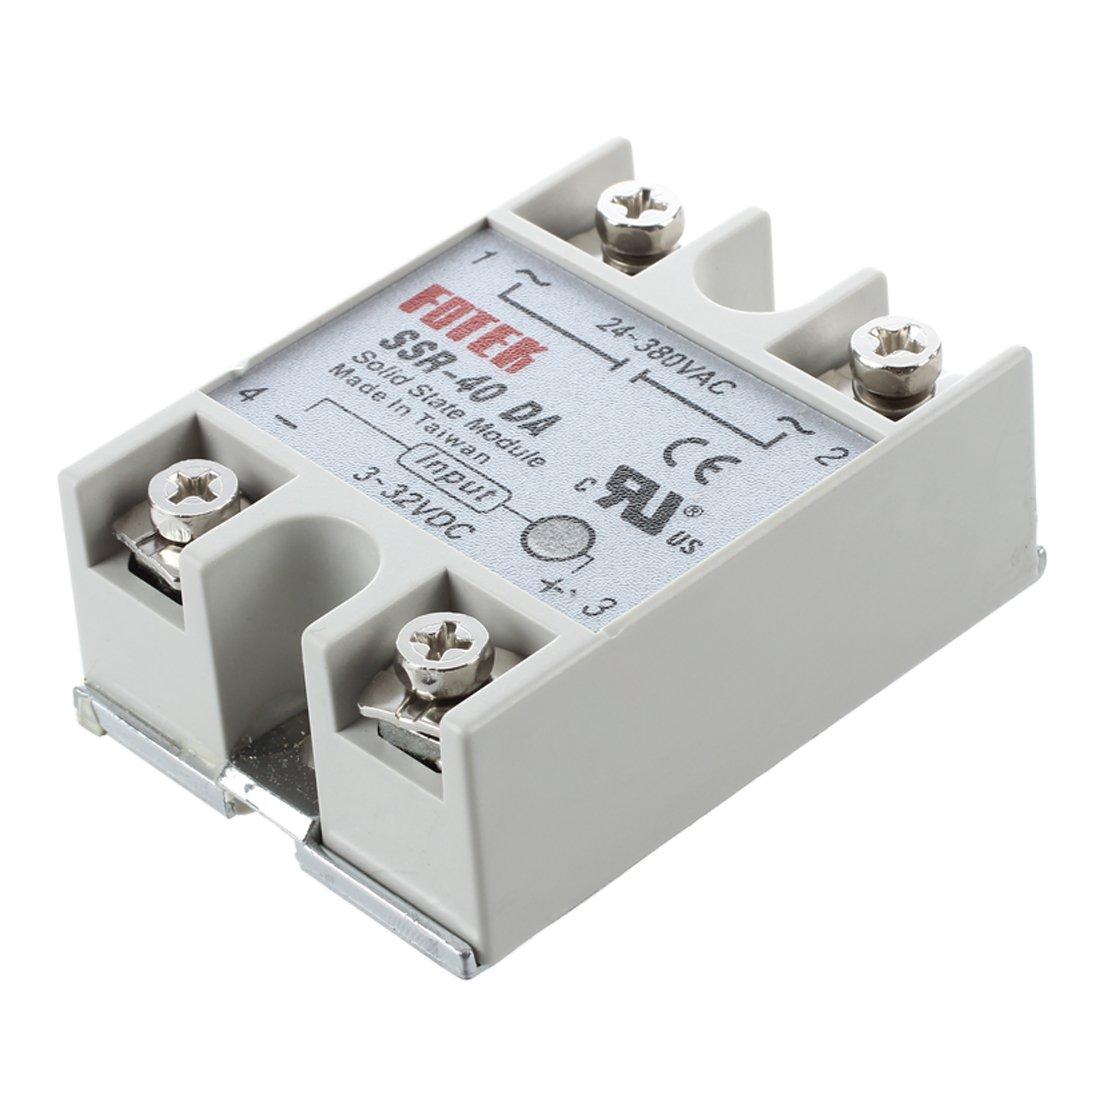 Semoic Temperature Control Halbleiterrelais SSR-40Da 40A 3-32V DC 24-380V AC